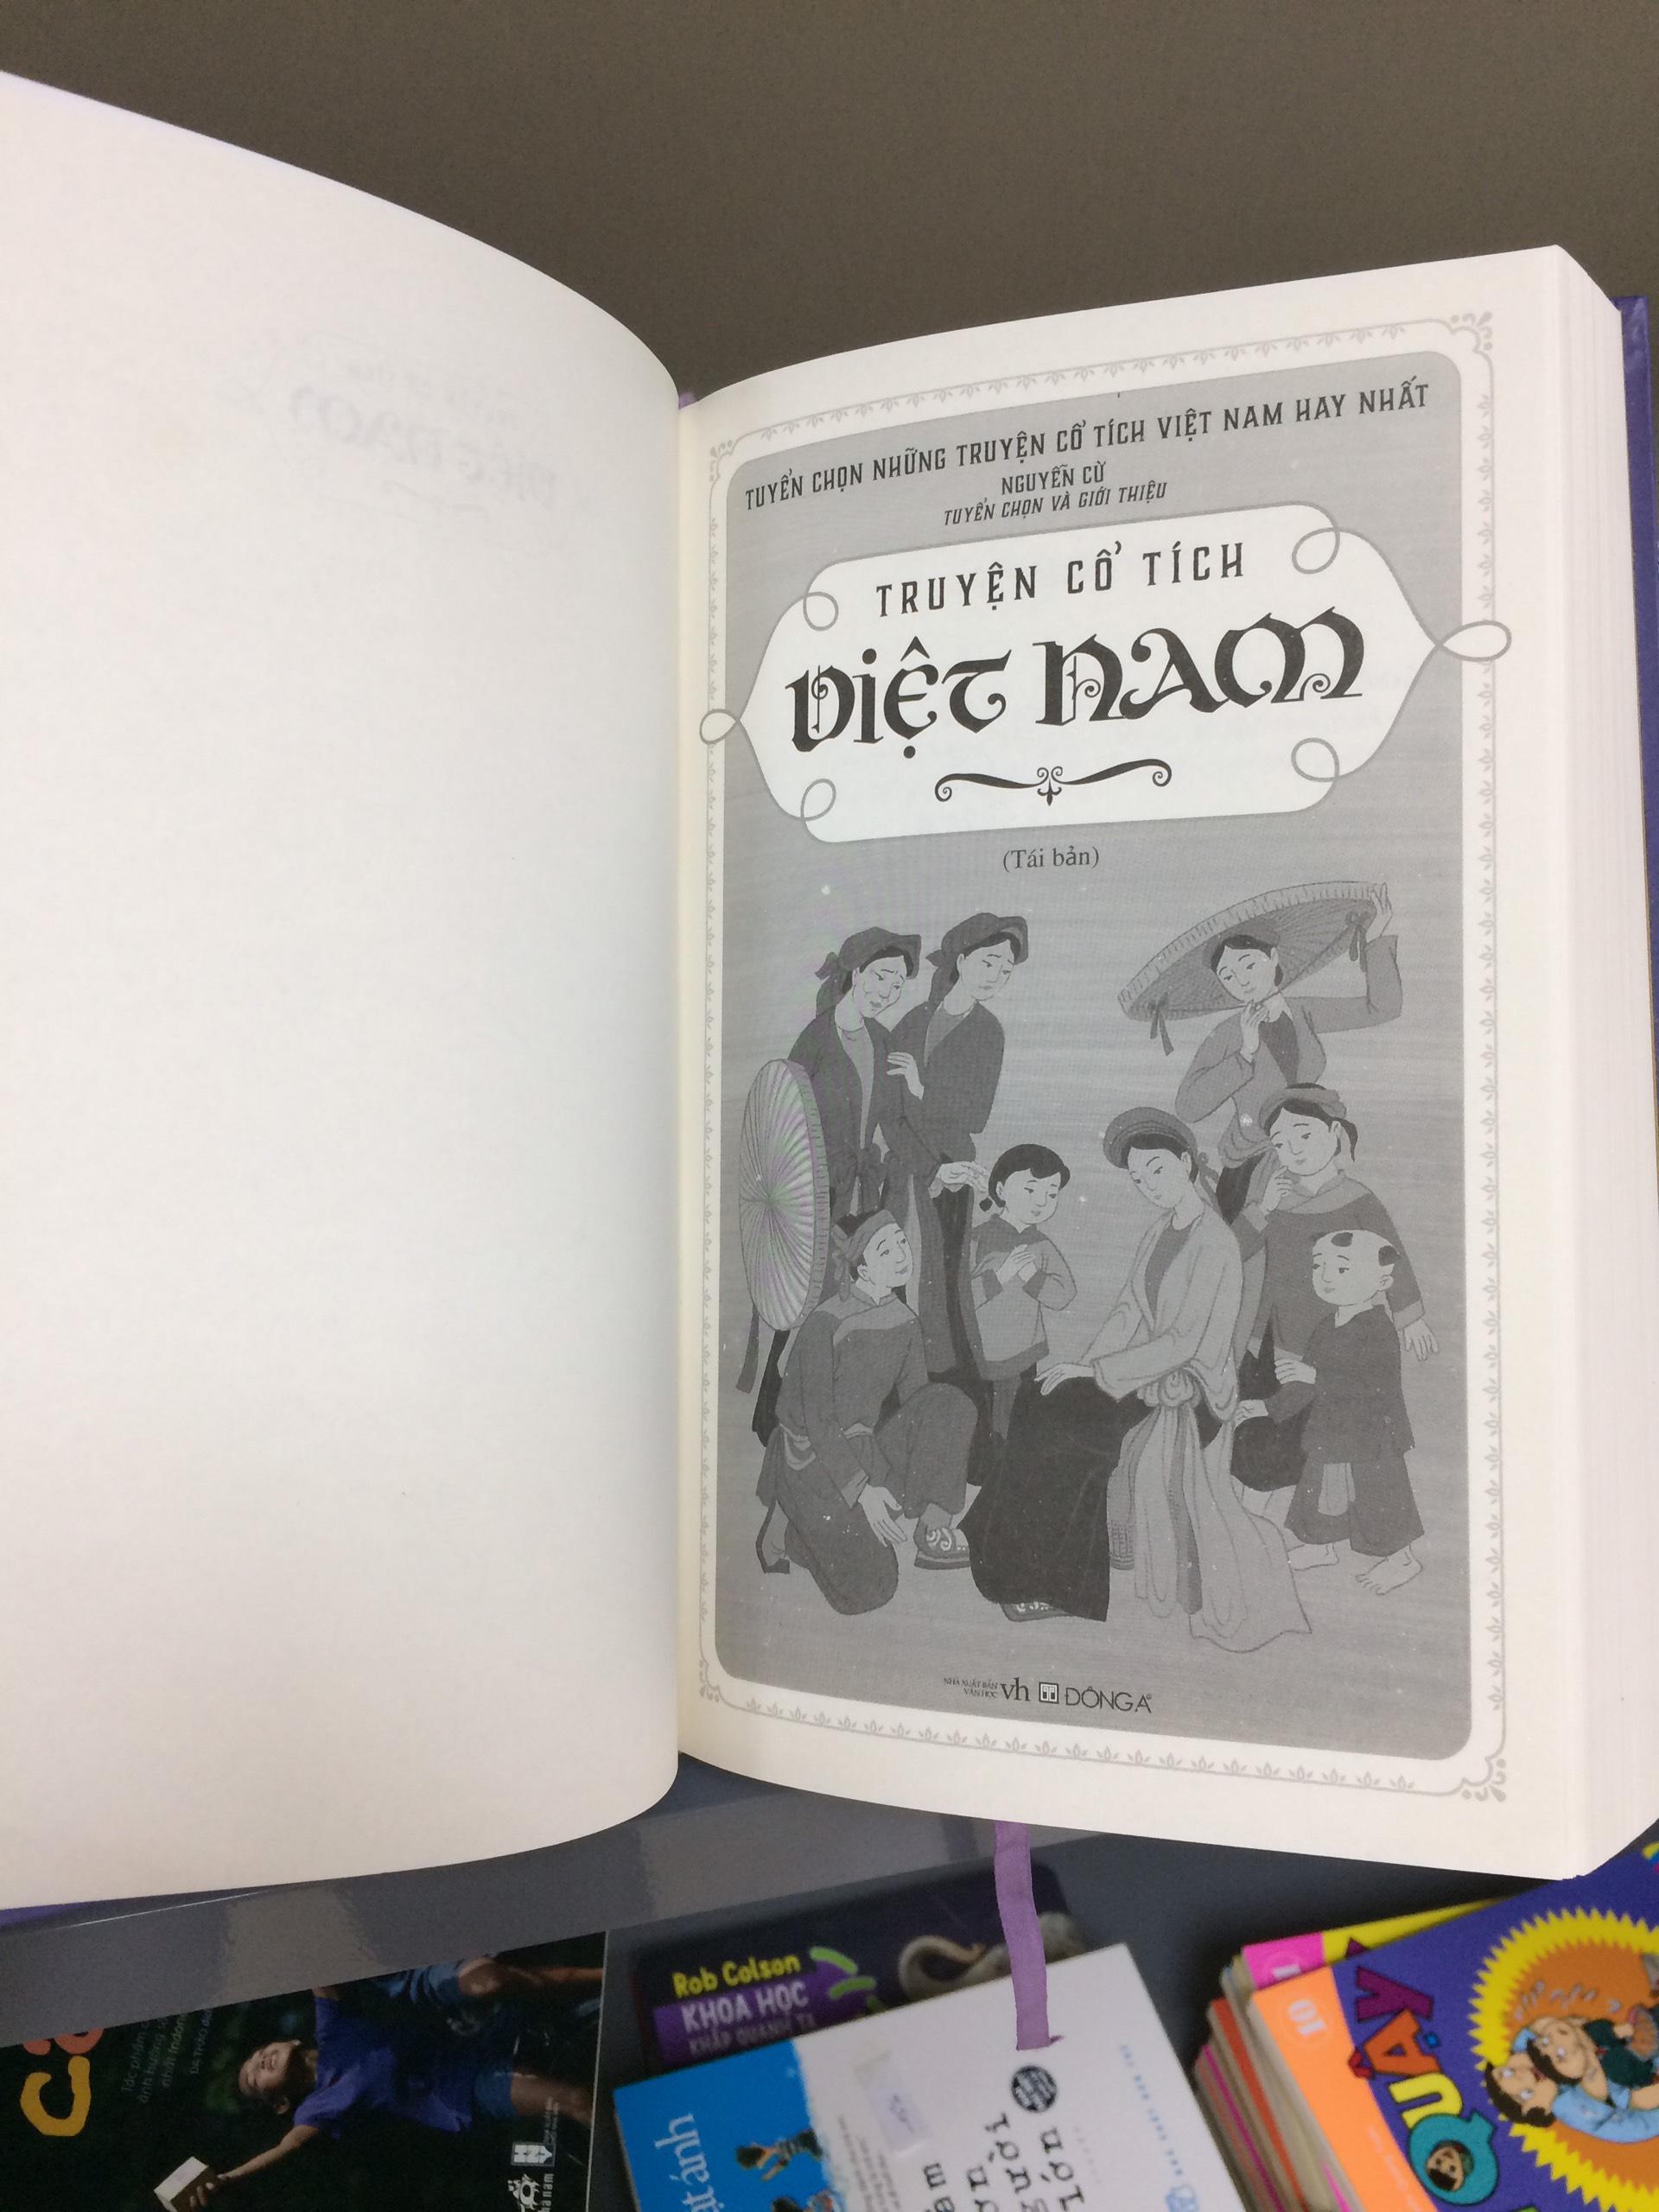 Truyện cổ tích Việt Nam (Tuyển chọn những truyển cổ tích Việt Nam hay nhất)